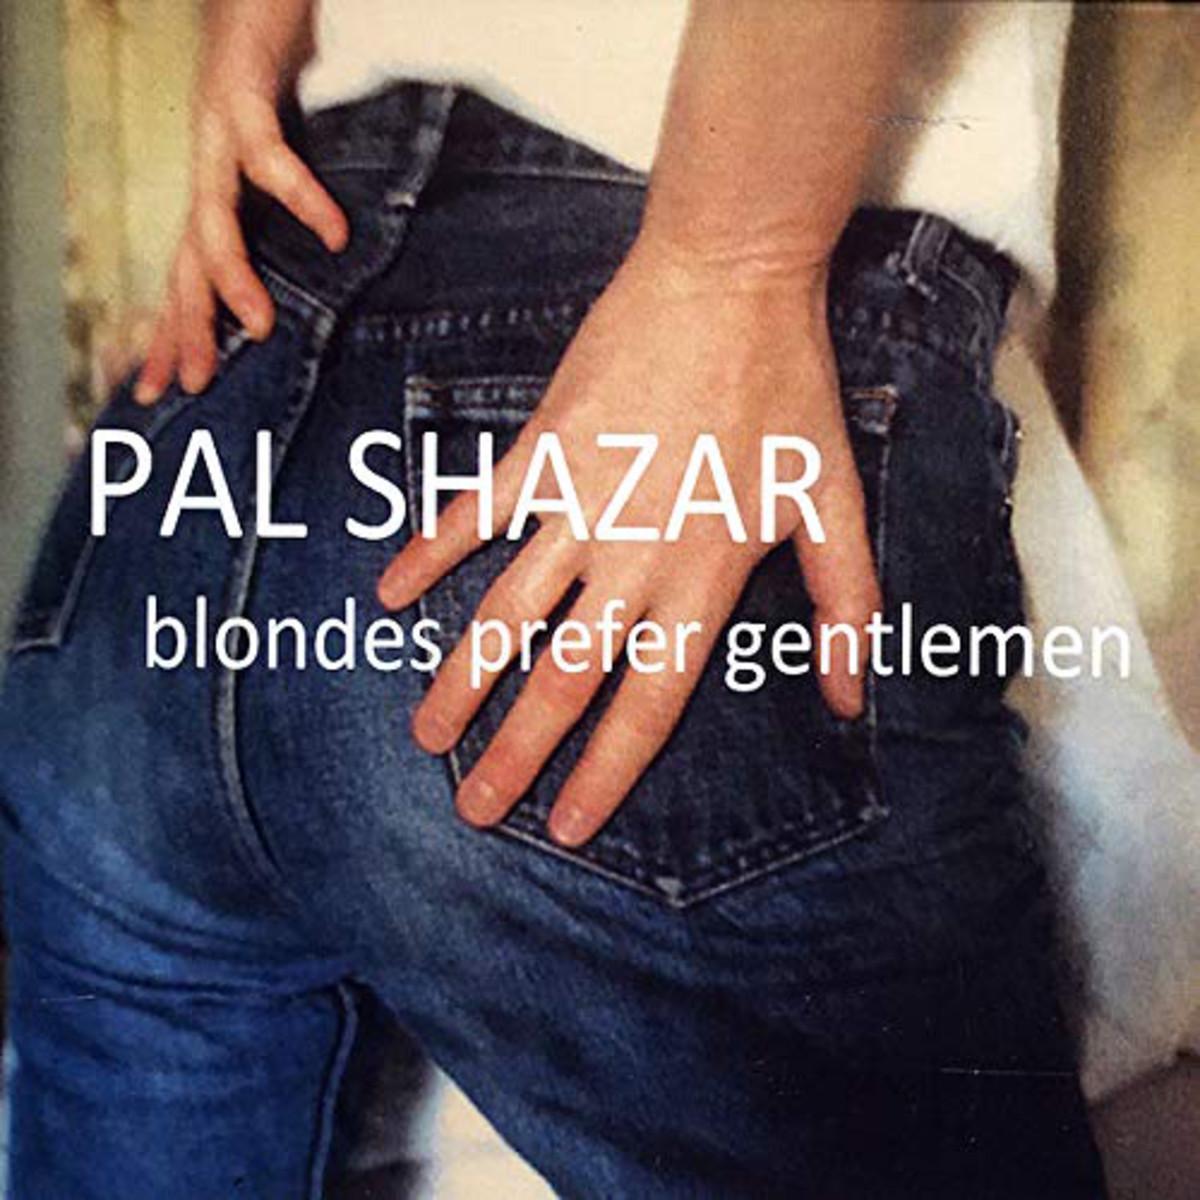 Pal Shazar